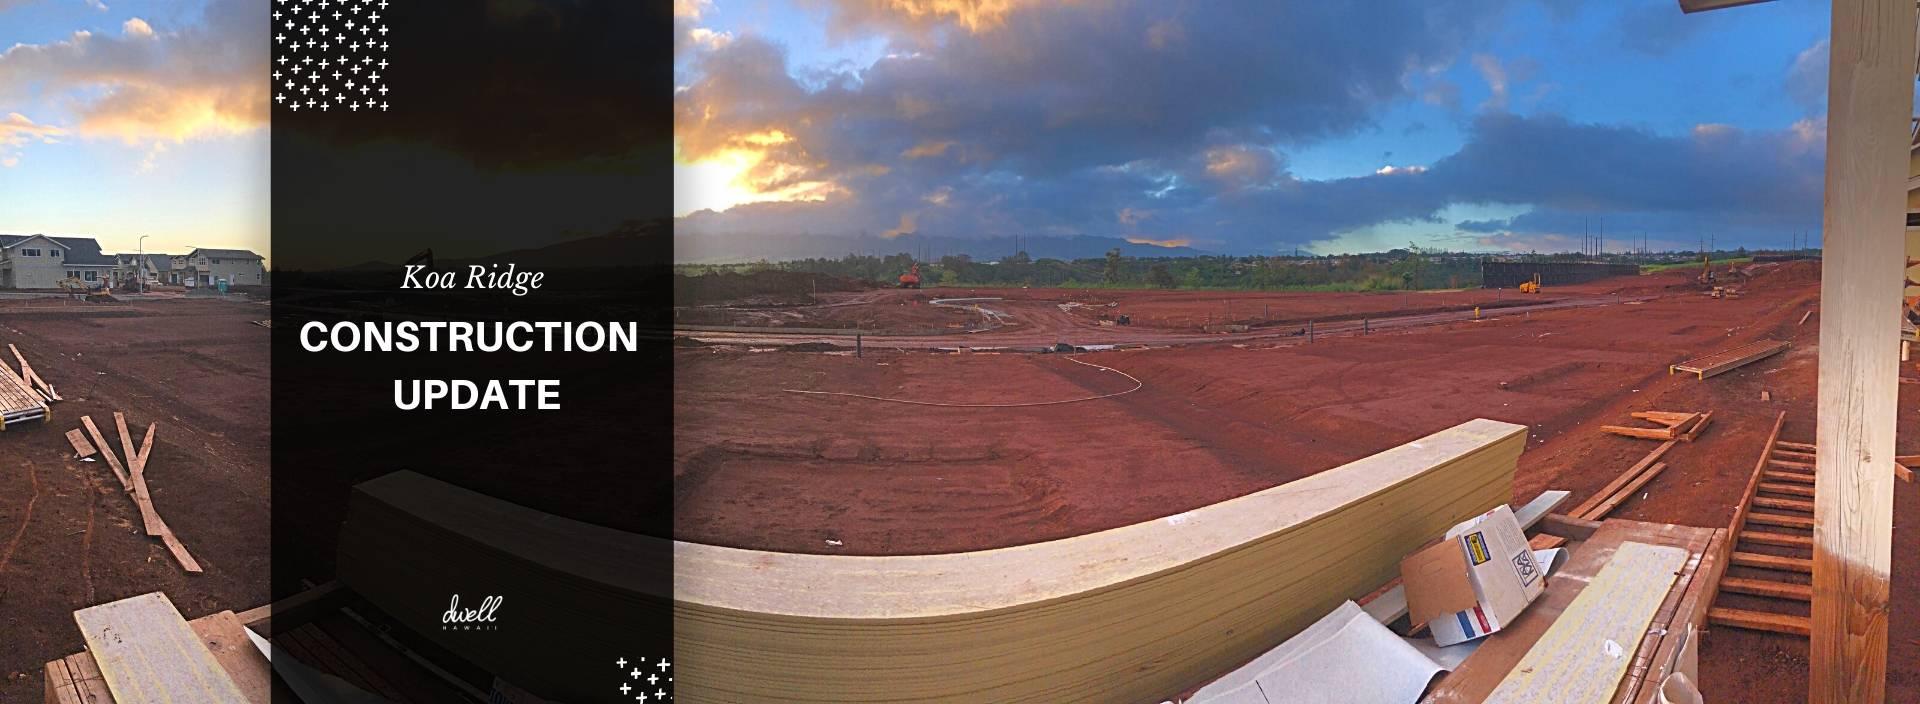 koa ridge construction update